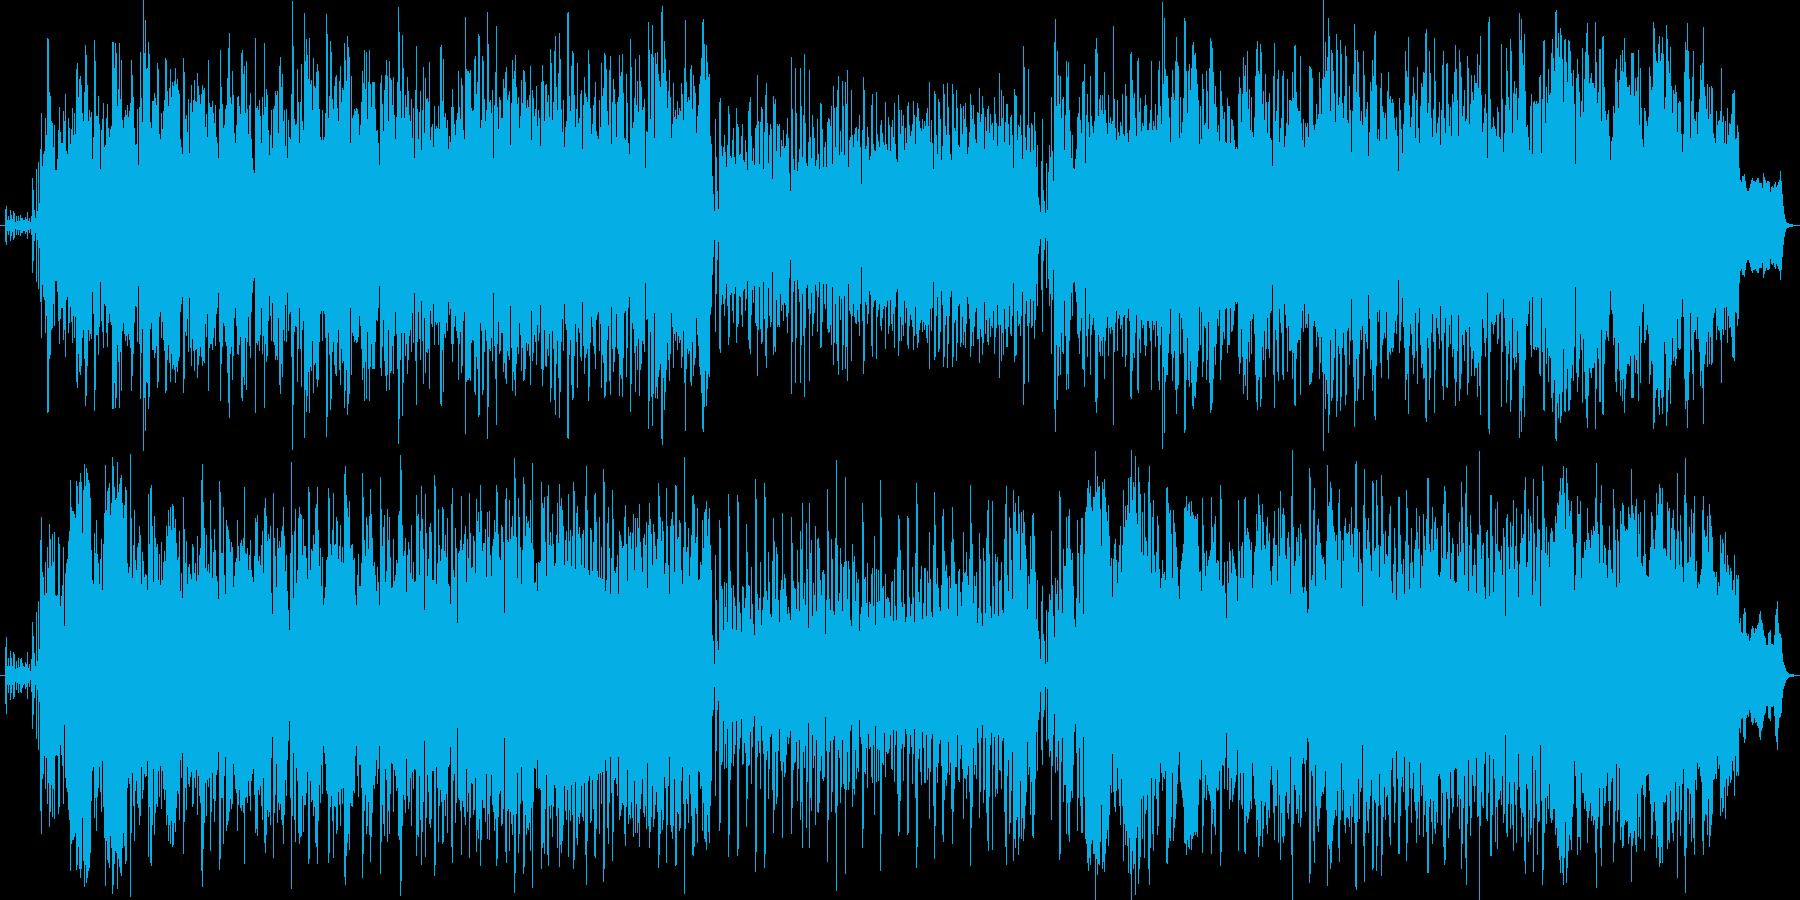 第5チャクラ青色396Hz活性のイメー…の再生済みの波形